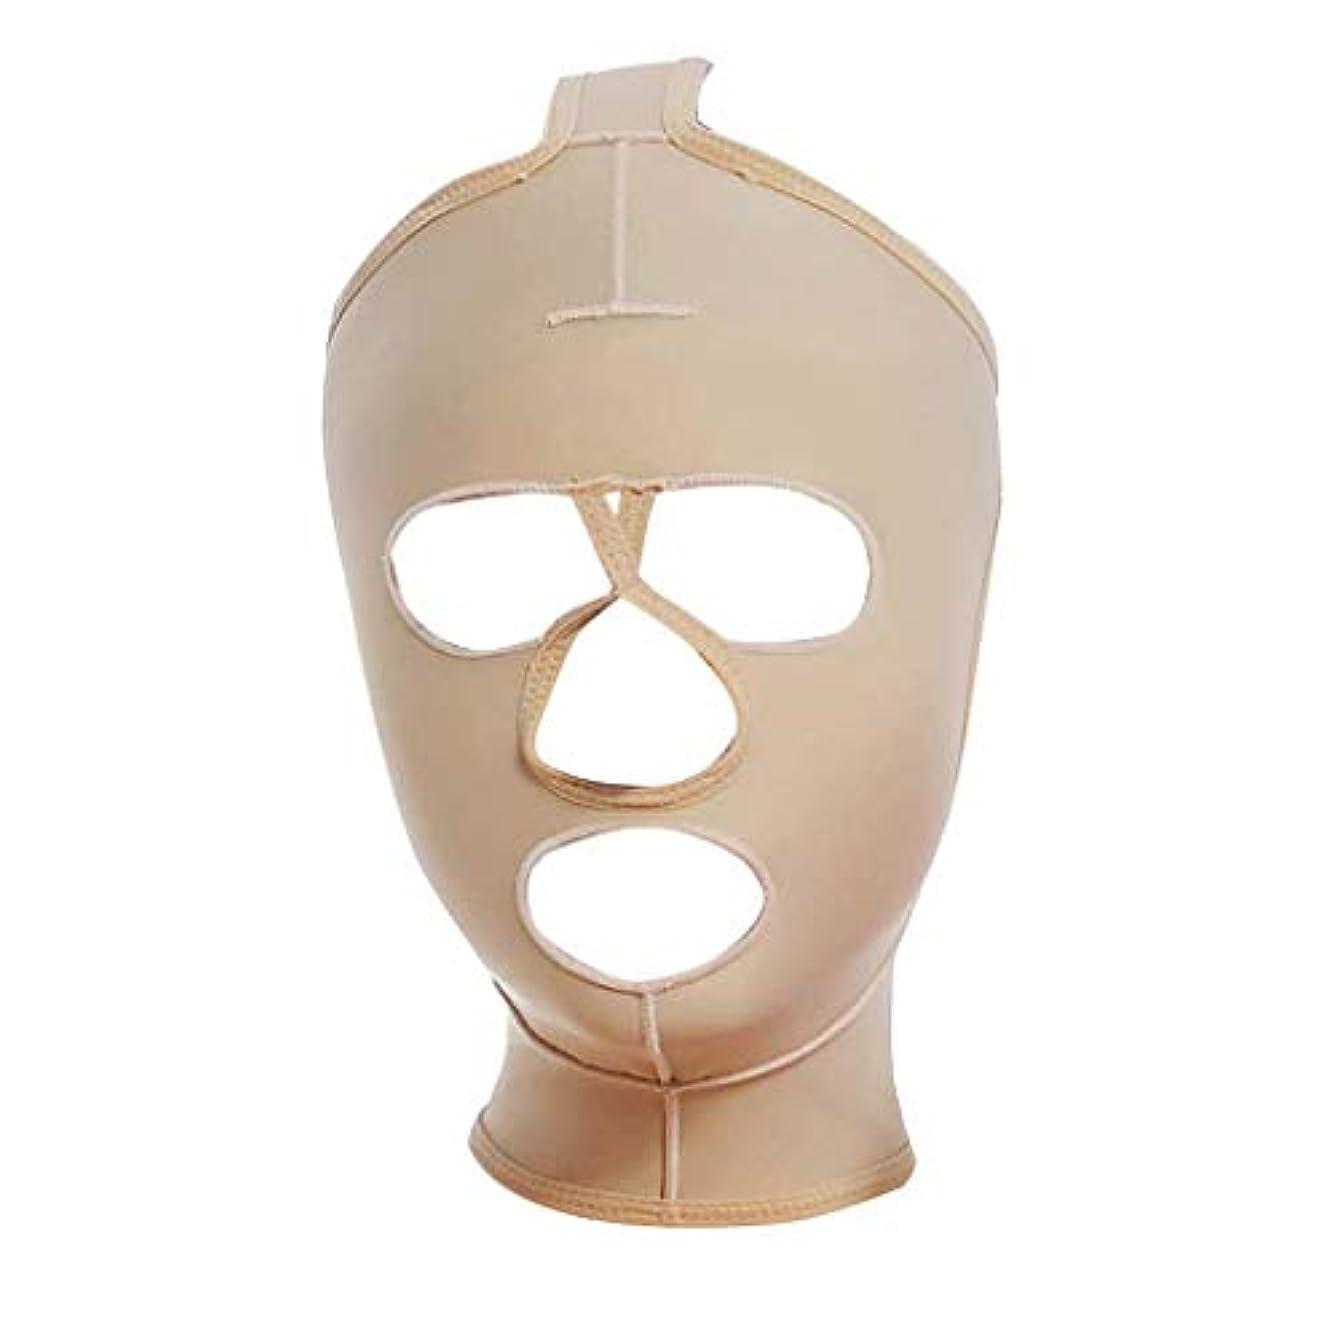 パウダーファントムヒューズフェイス&ネックリフト、減量フェイスマスク脂肪吸引術脂肪吸引術整形マスクフードフェイスリフティングアーティファクトVフェイスビームフェイス弾性スリーブ(サイズ:XXL),Xl